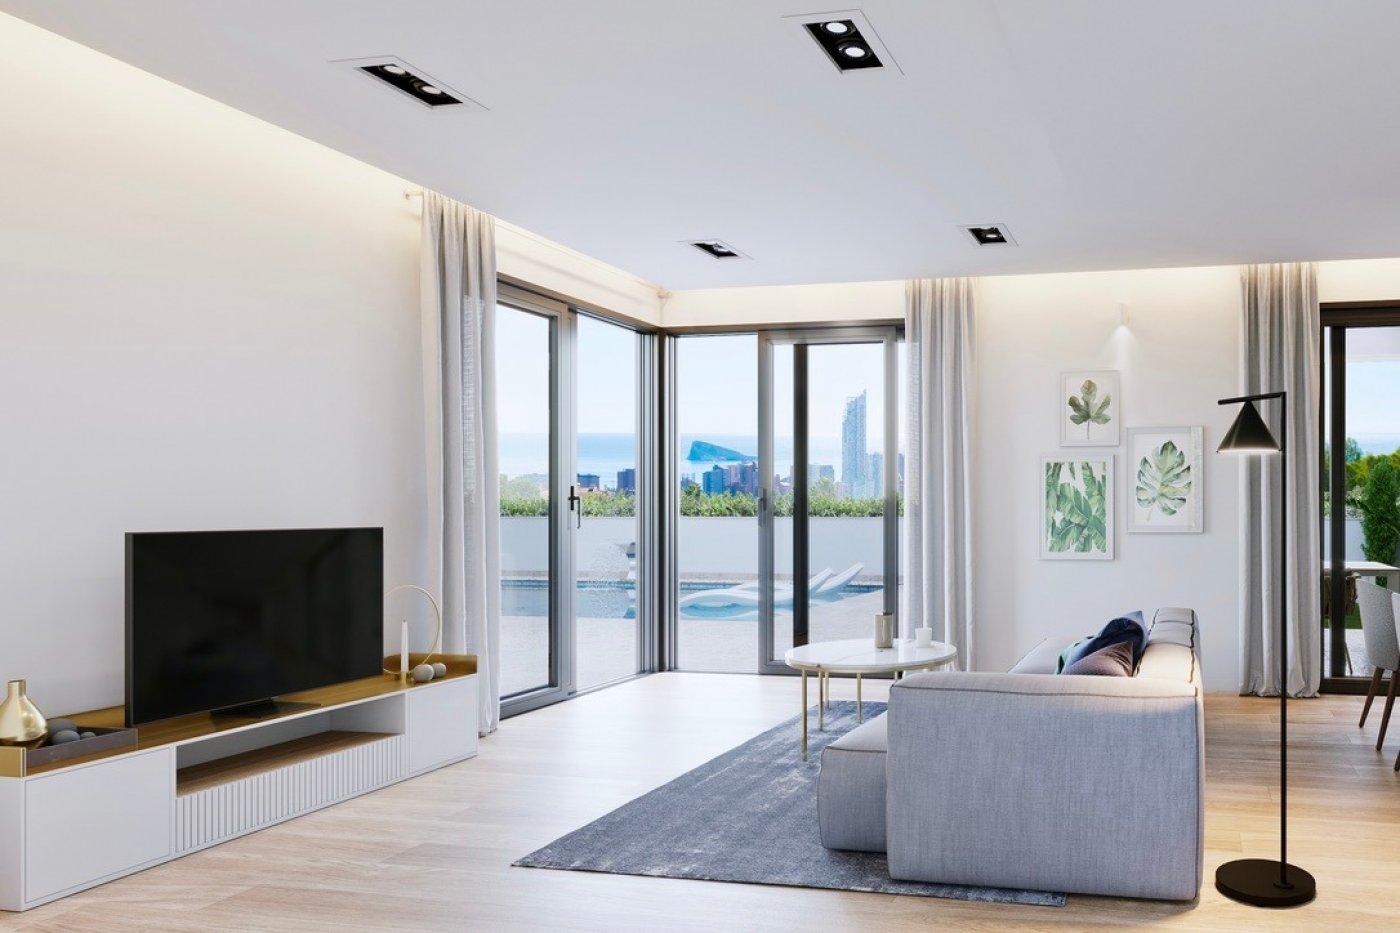 Galleribillede 1 of Luksus villa i Finestrat Hills m. udsigt over Benidorm, sydvest vendt - egen pool, kælder med garage